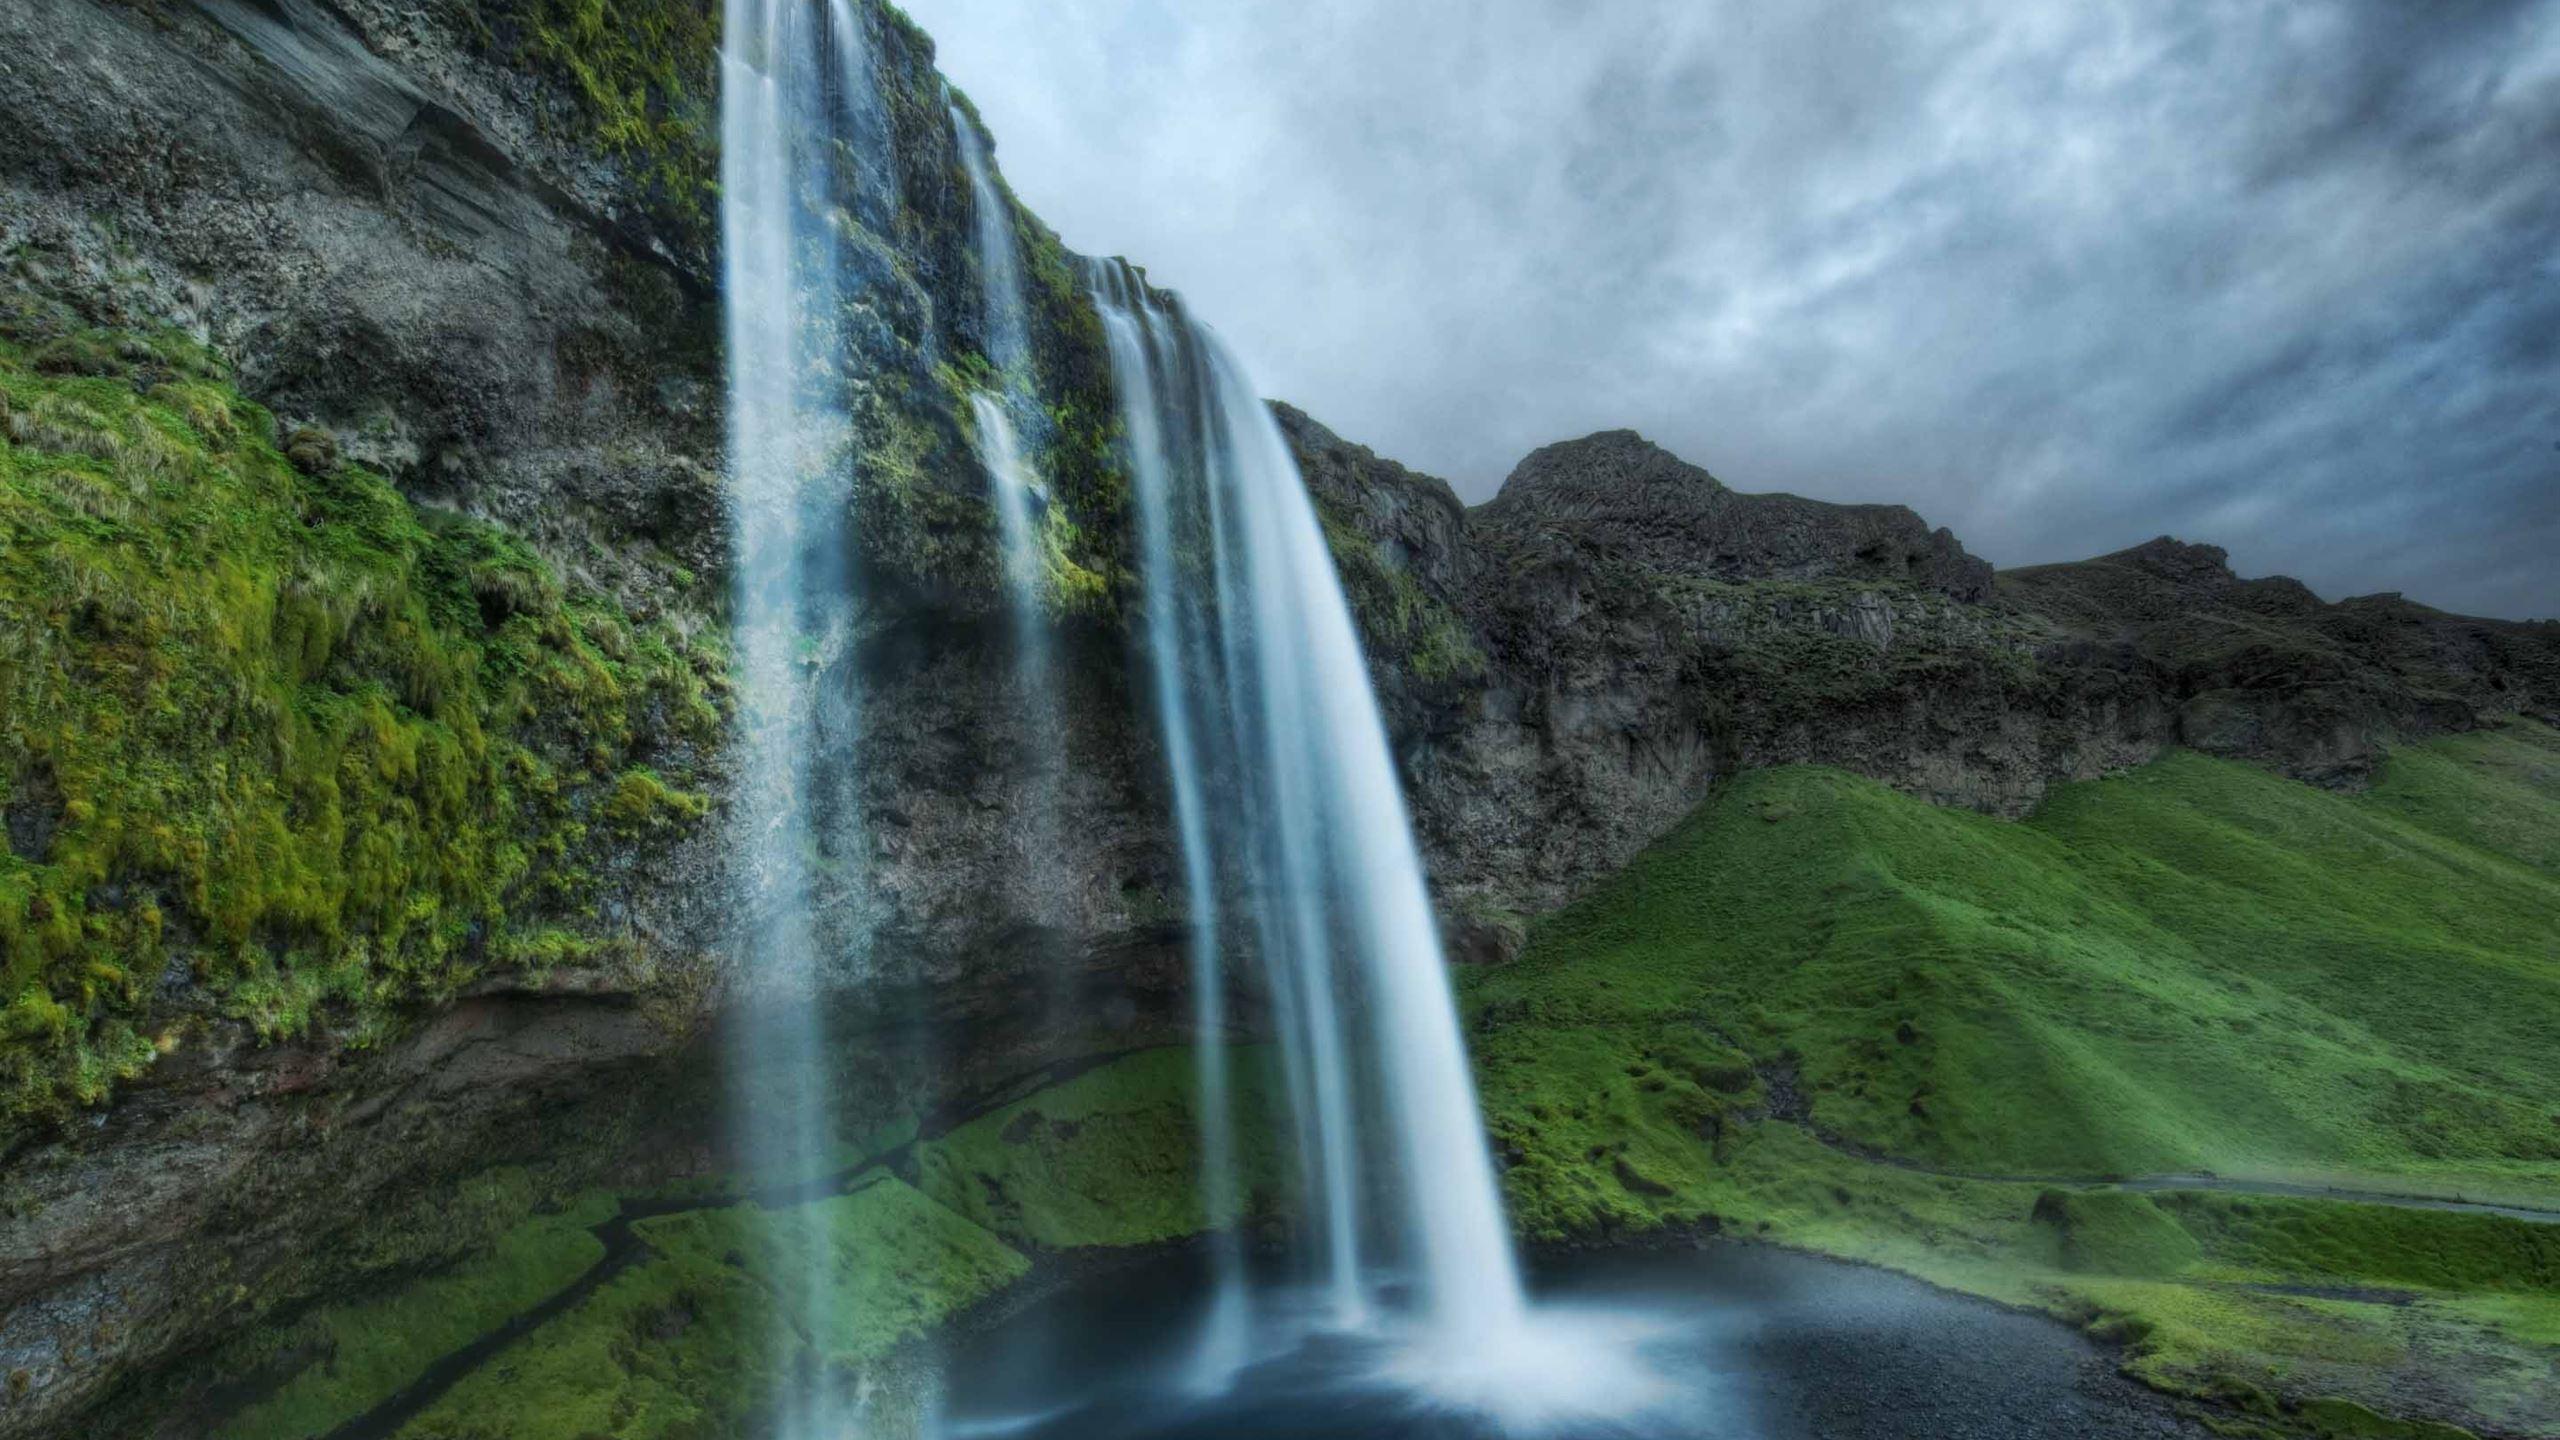 Iceland Waterfall Macbook Air Wallpaper Download Allmacwallpaper